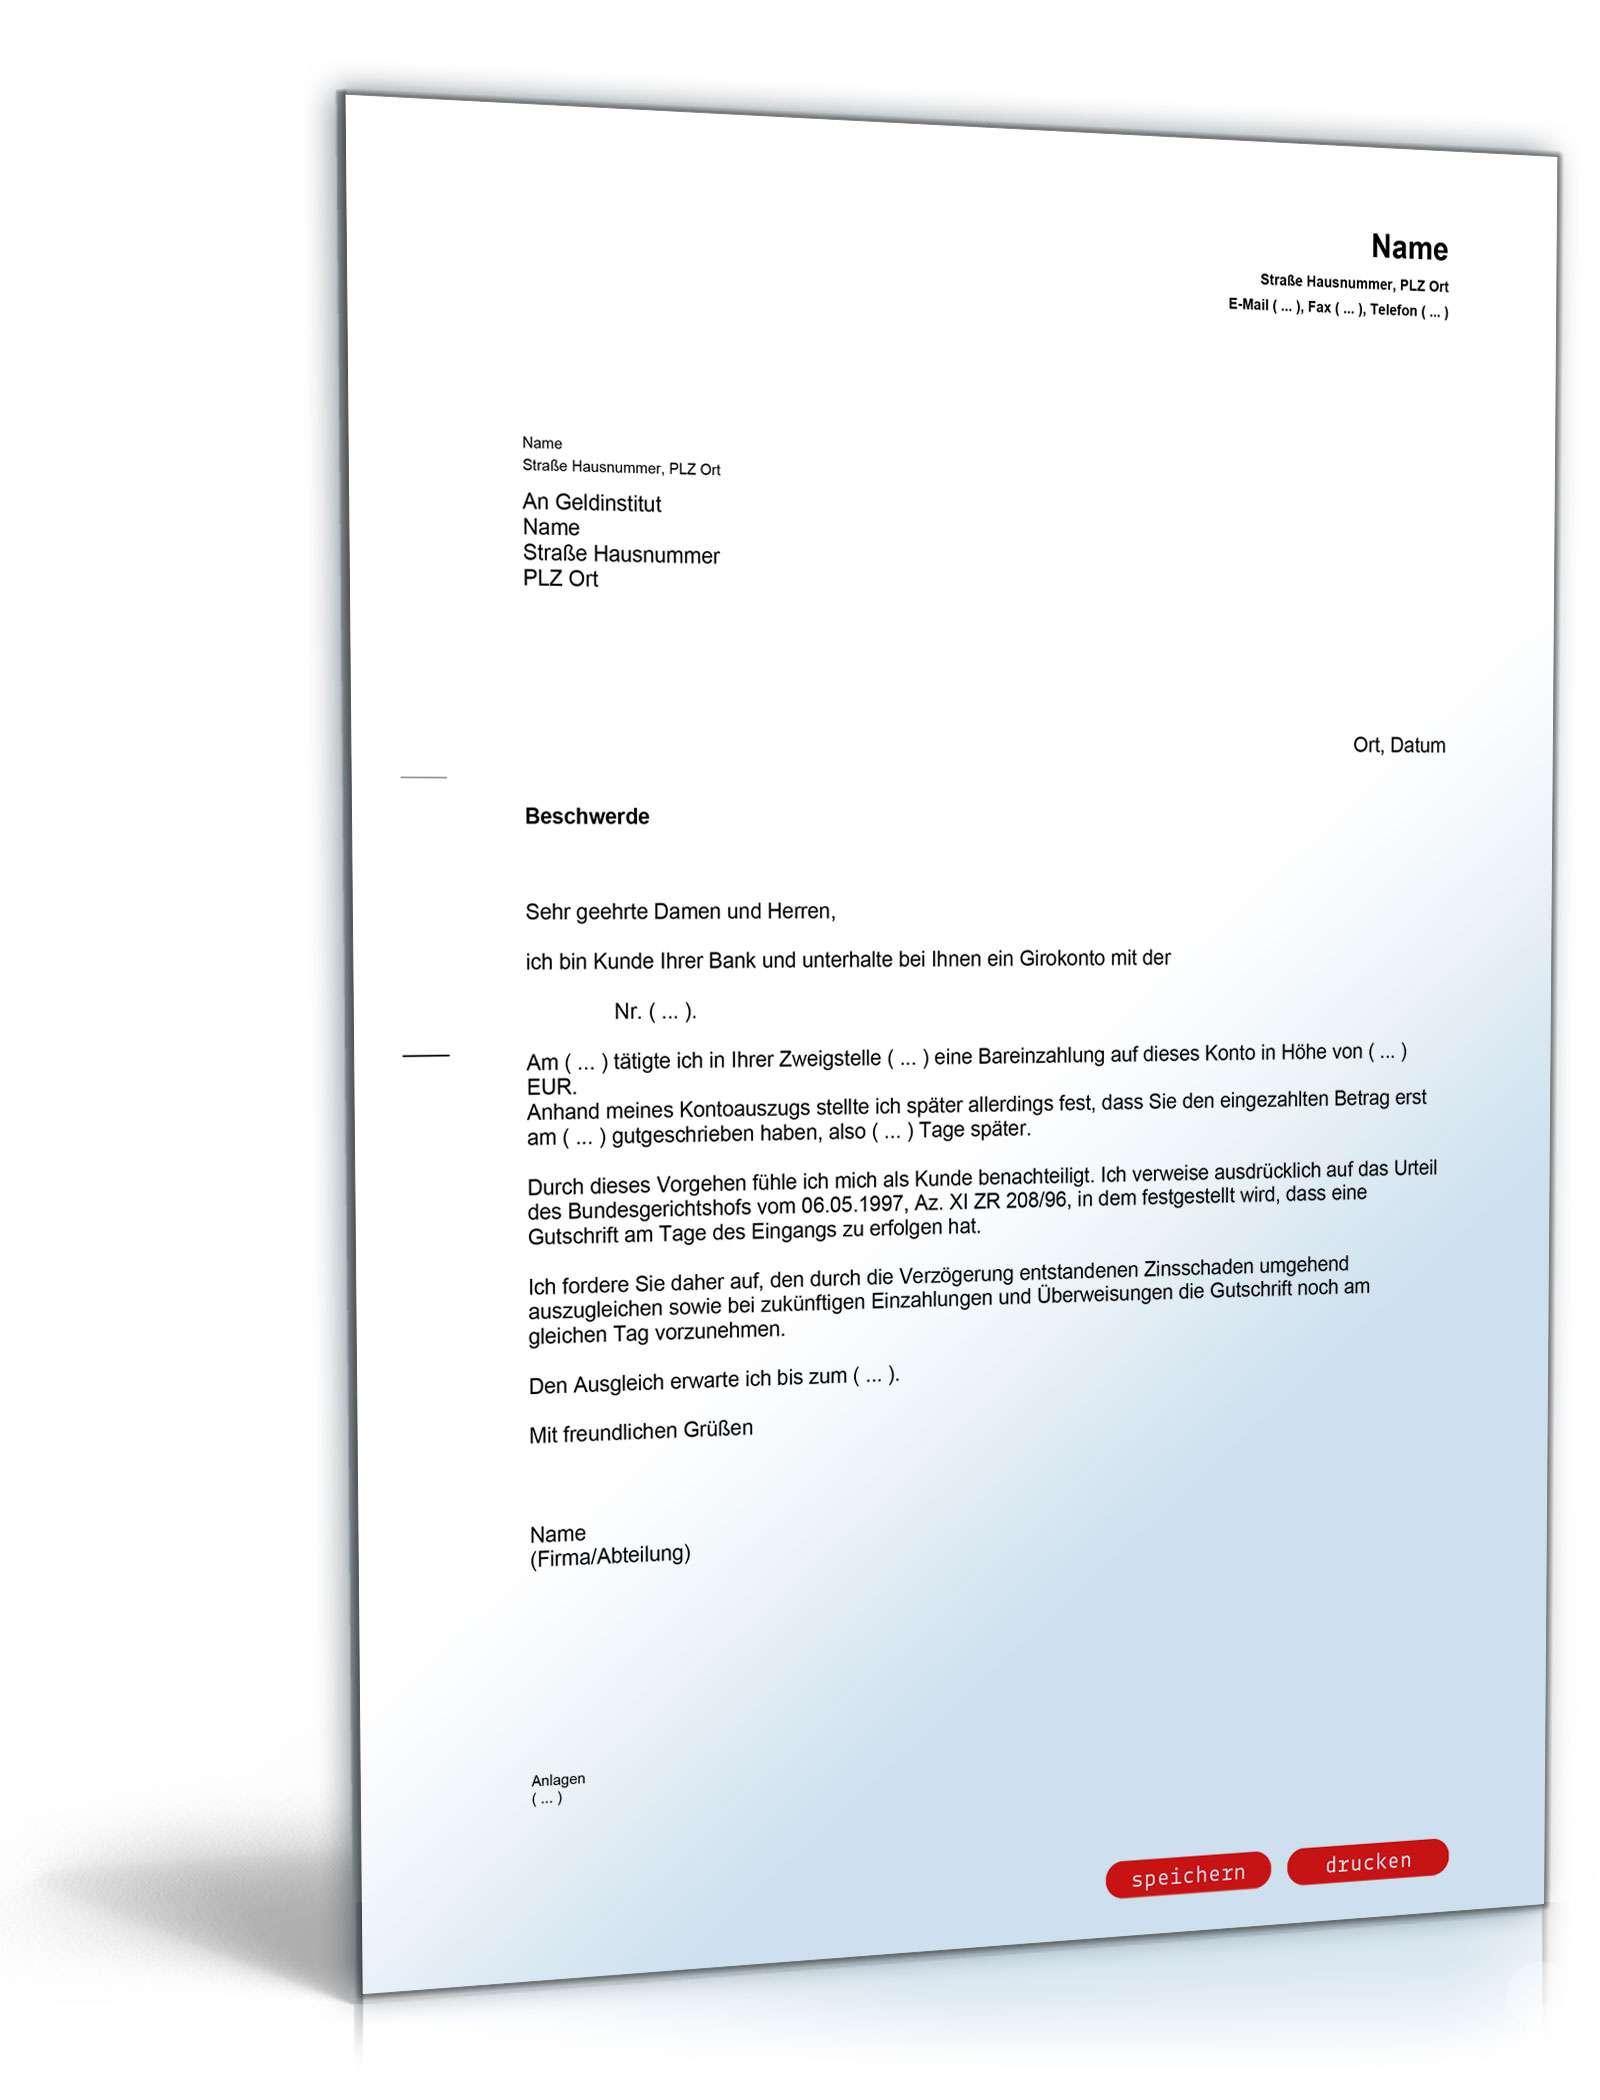 Beschwerde bei Bank (verspätete Gutschrift) - Muster-Vorlage zum ...